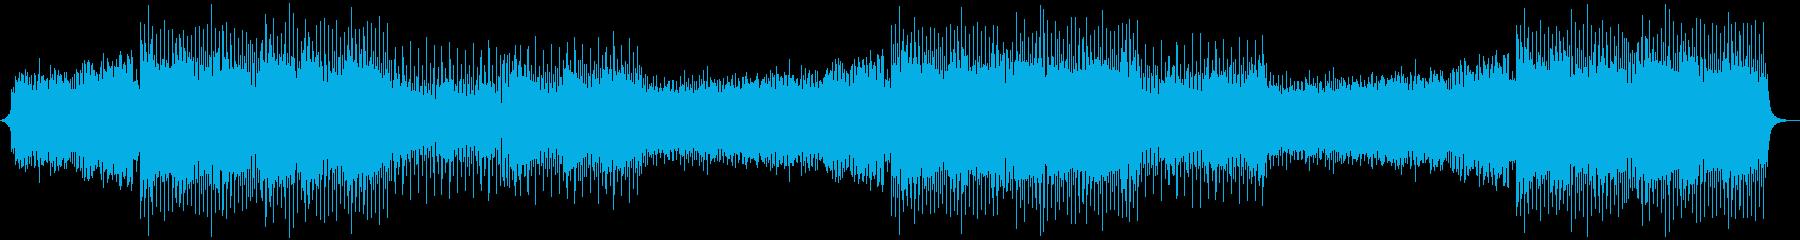 バイオリンなしのバージョンの再生済みの波形